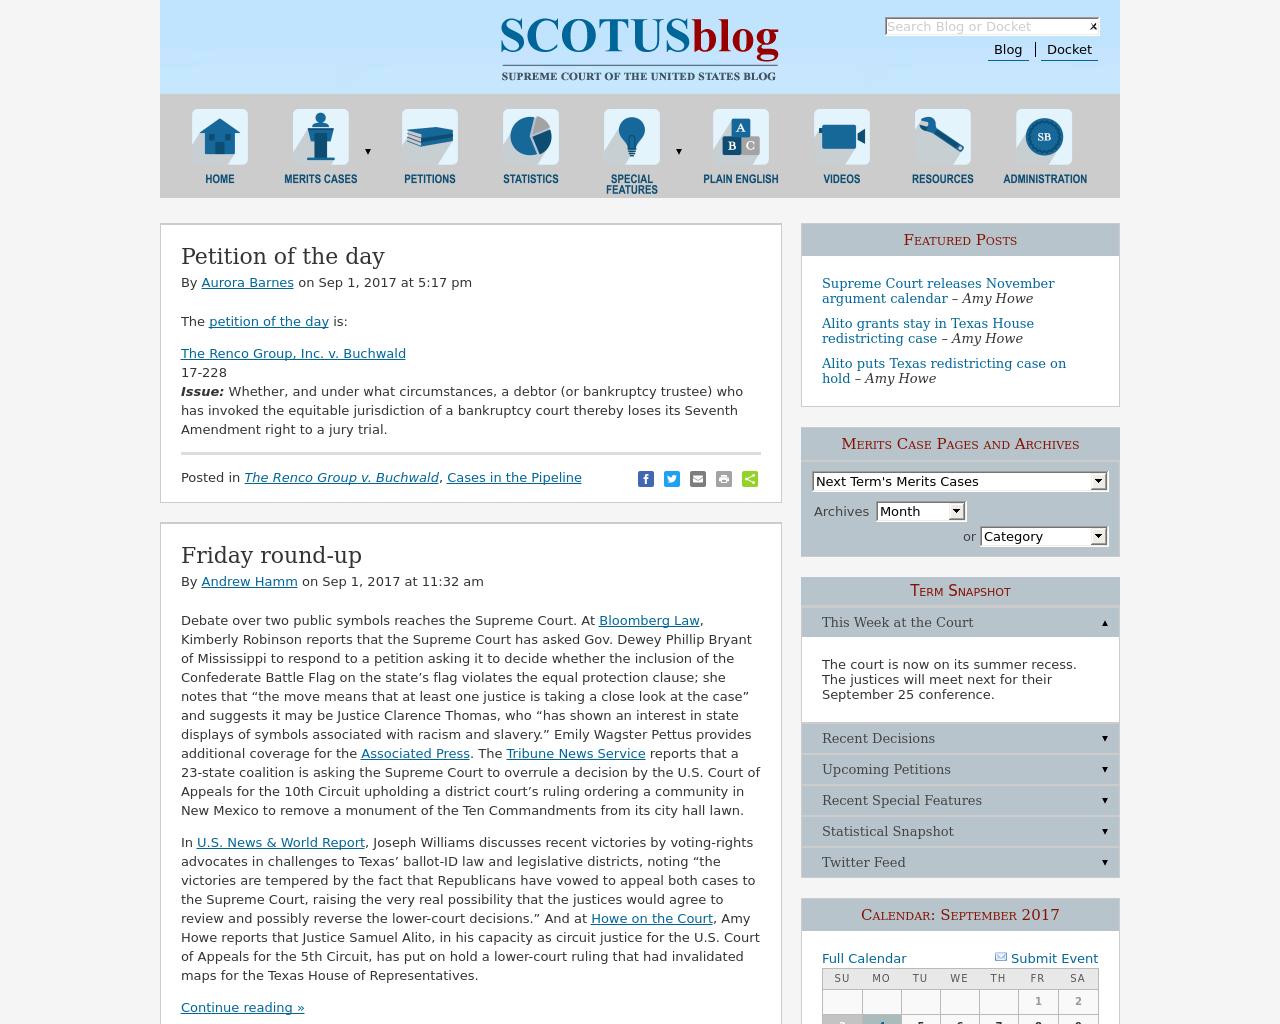 Scotus-Blog-Advertising-Reviews-Pricing